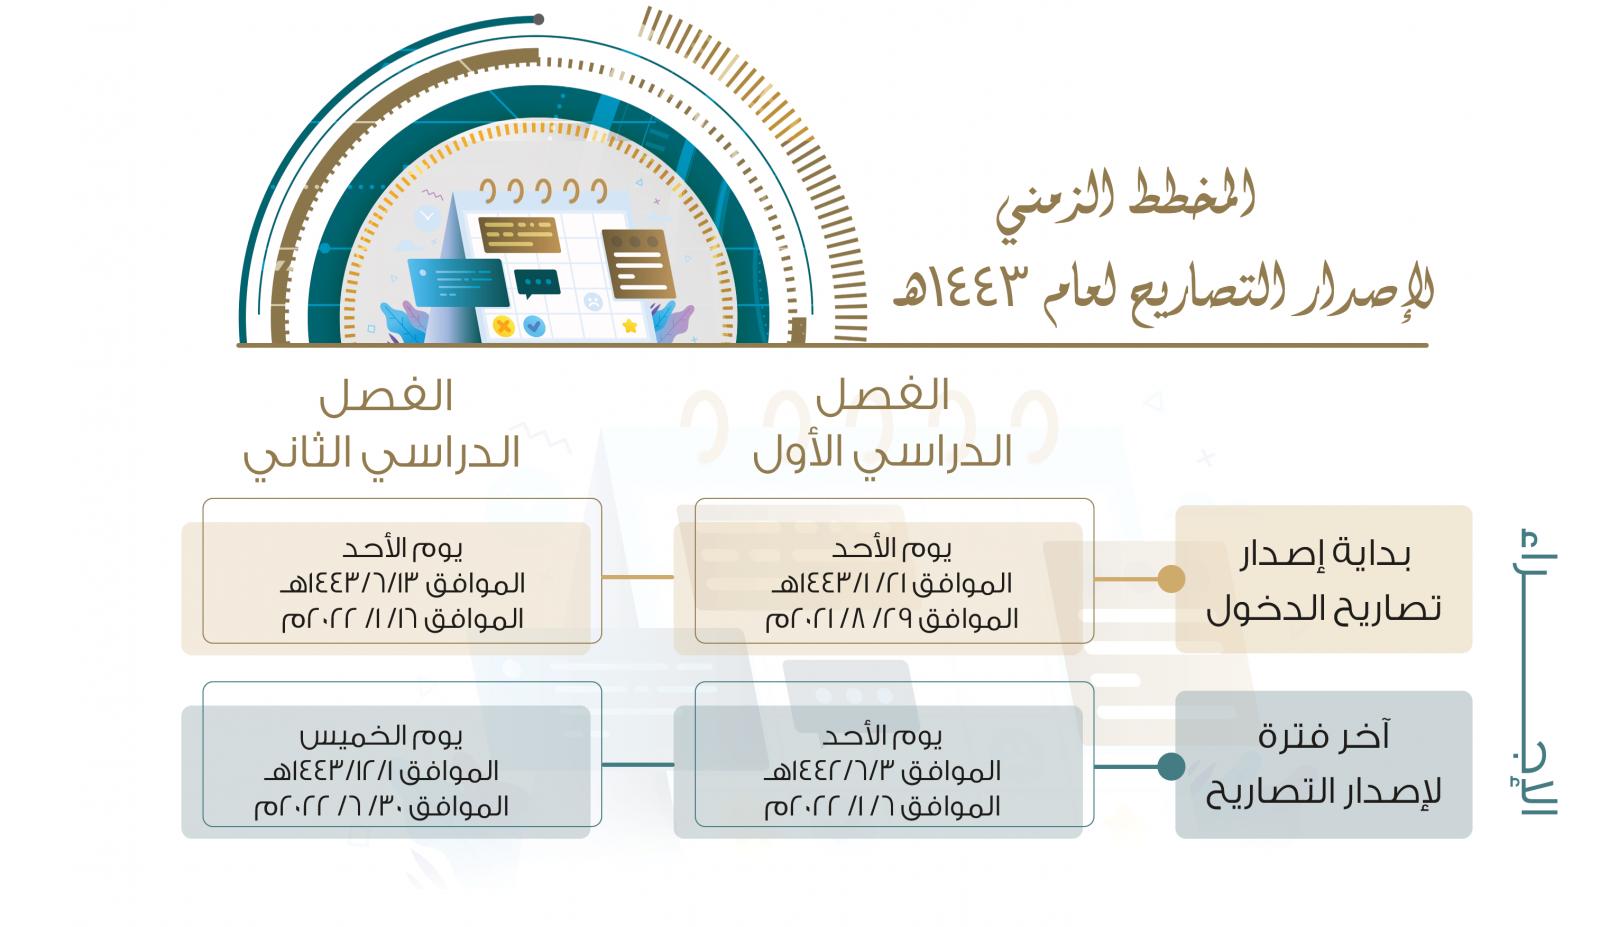 المخطط الزمني لإصدار التصاريح